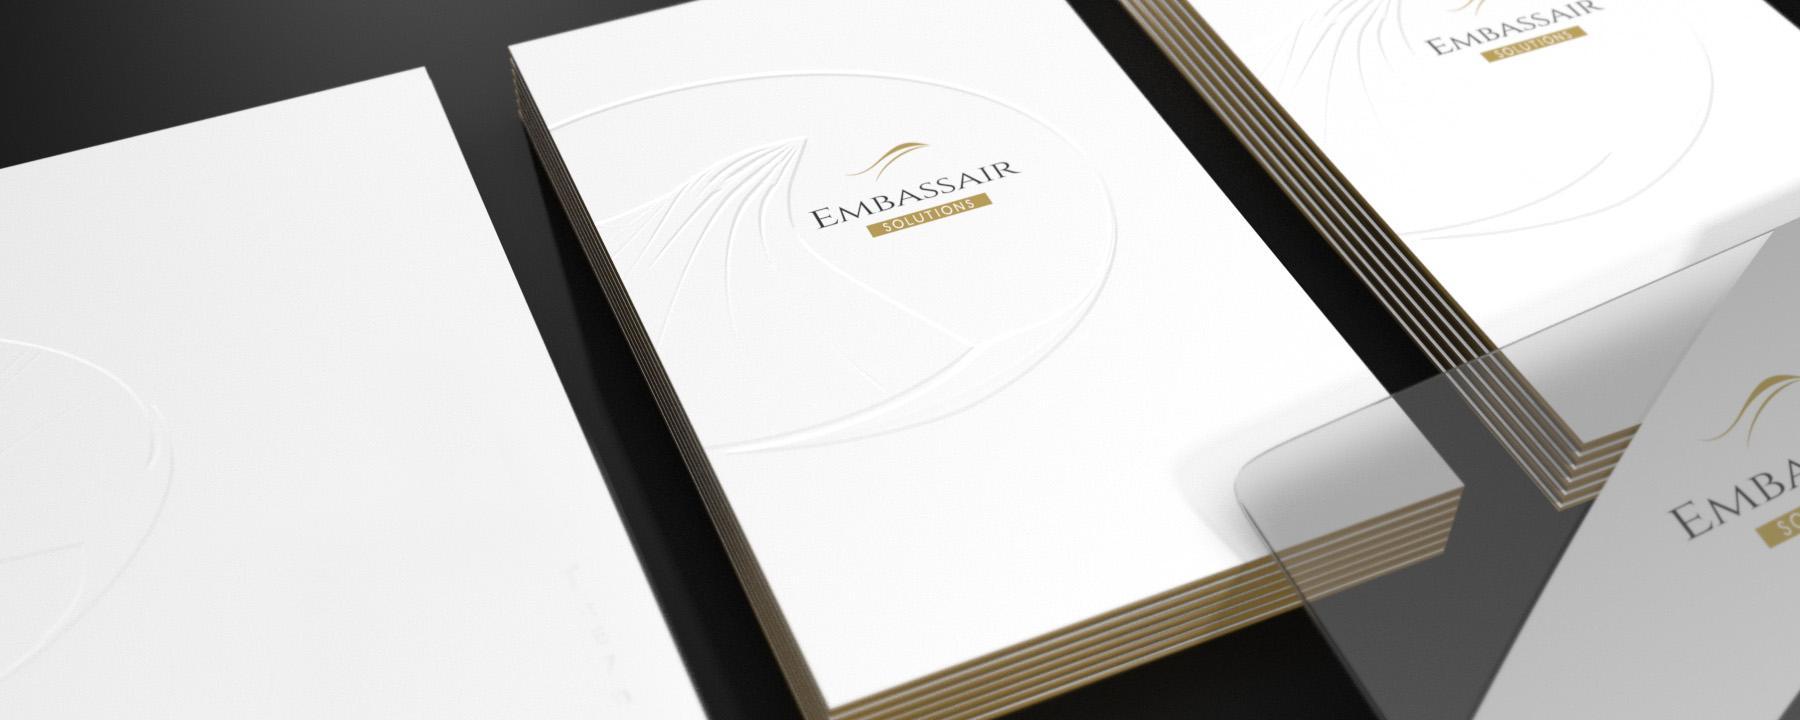 Coffret de Luxe pour Embassair par La Griffe, Agence de communication, design et web à Dijon